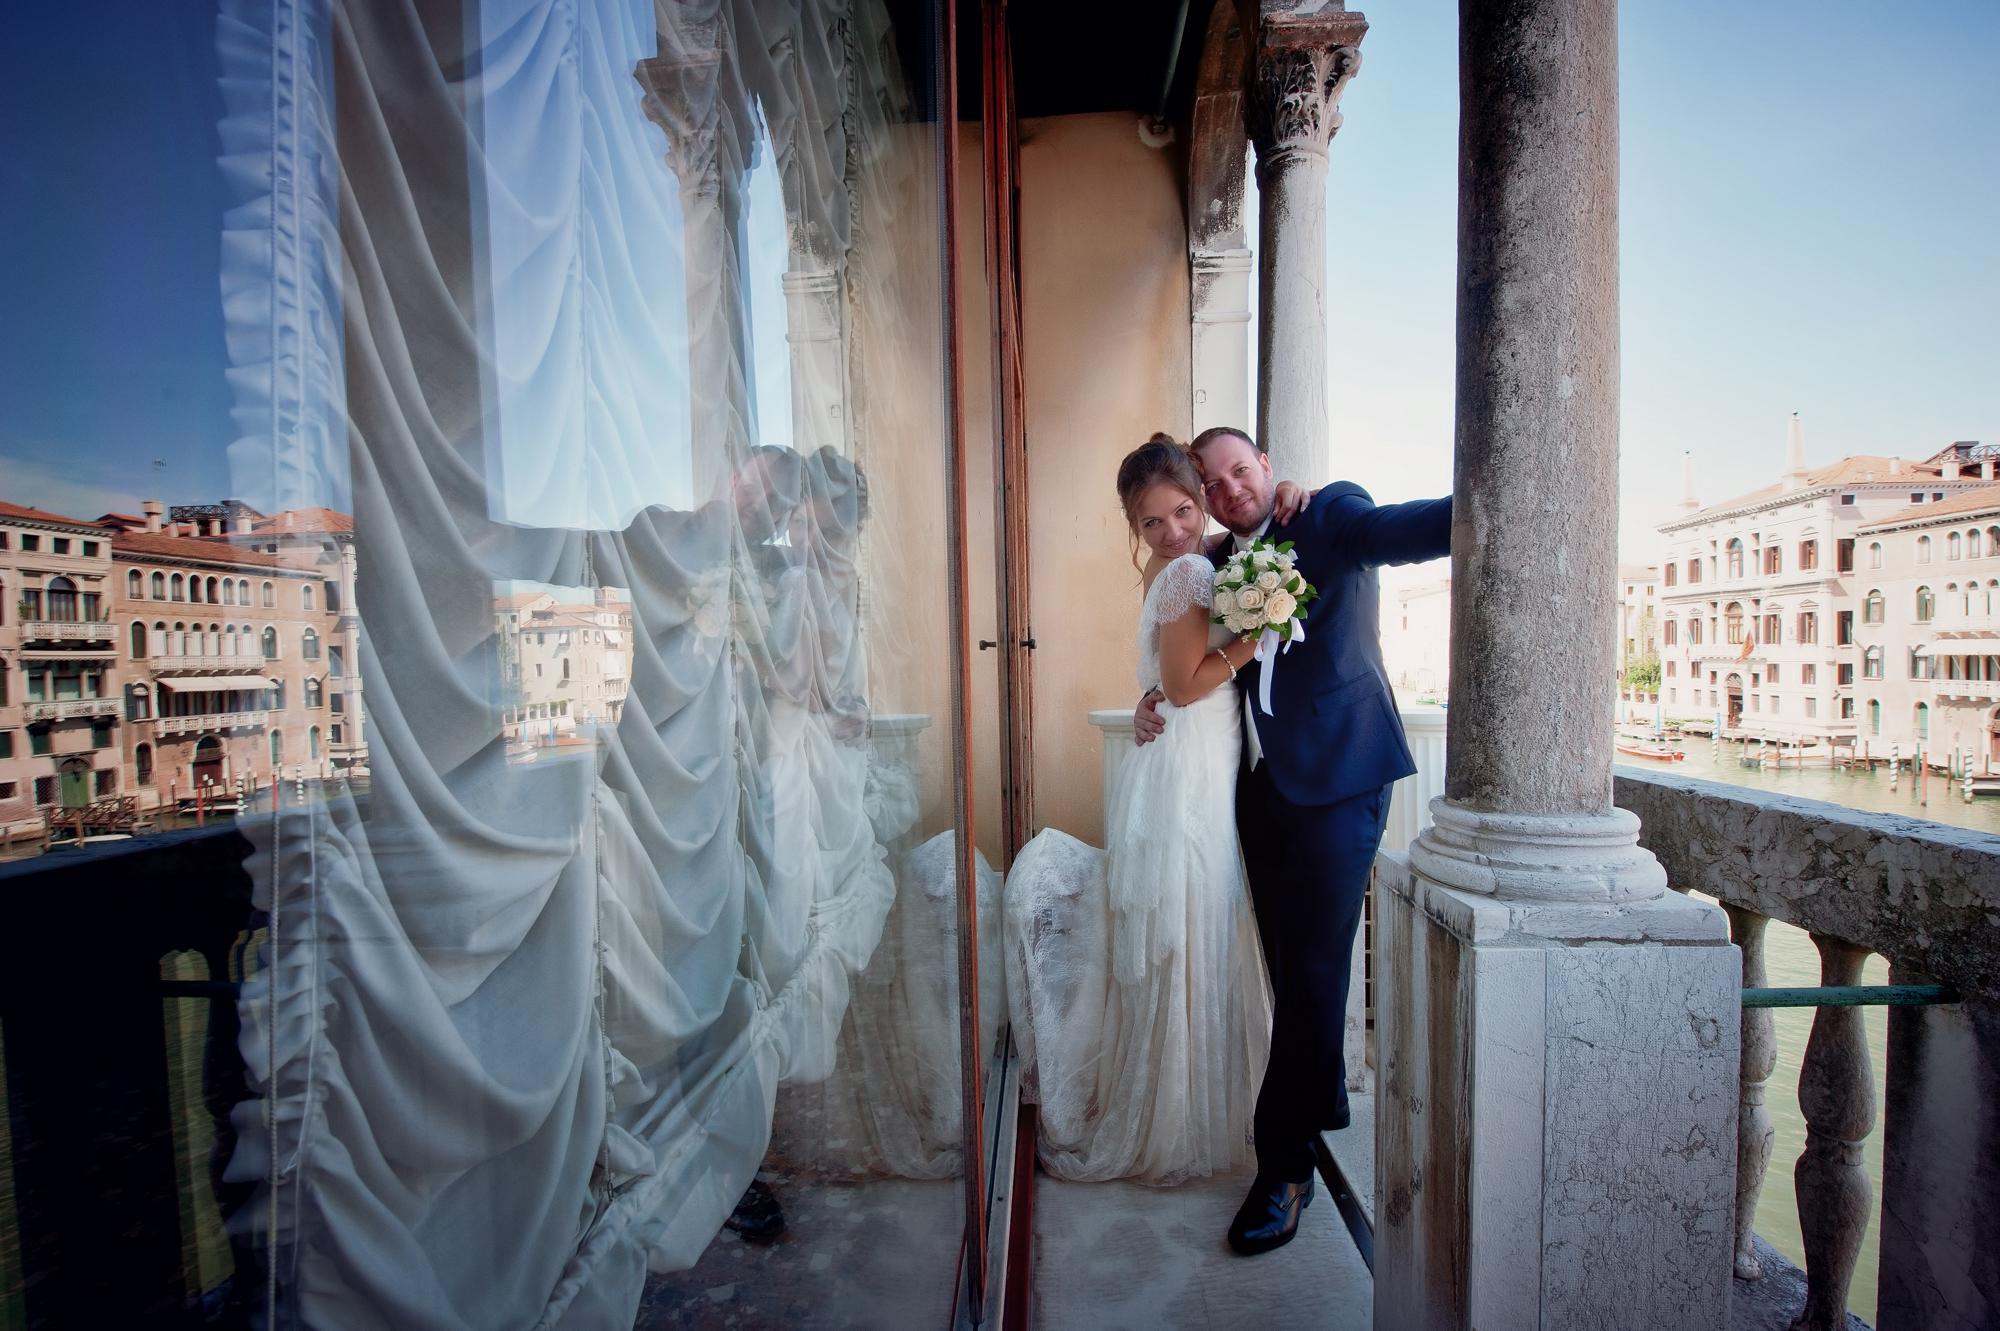 Photographie de mariage venise photographe italie laure jacquemin (32)